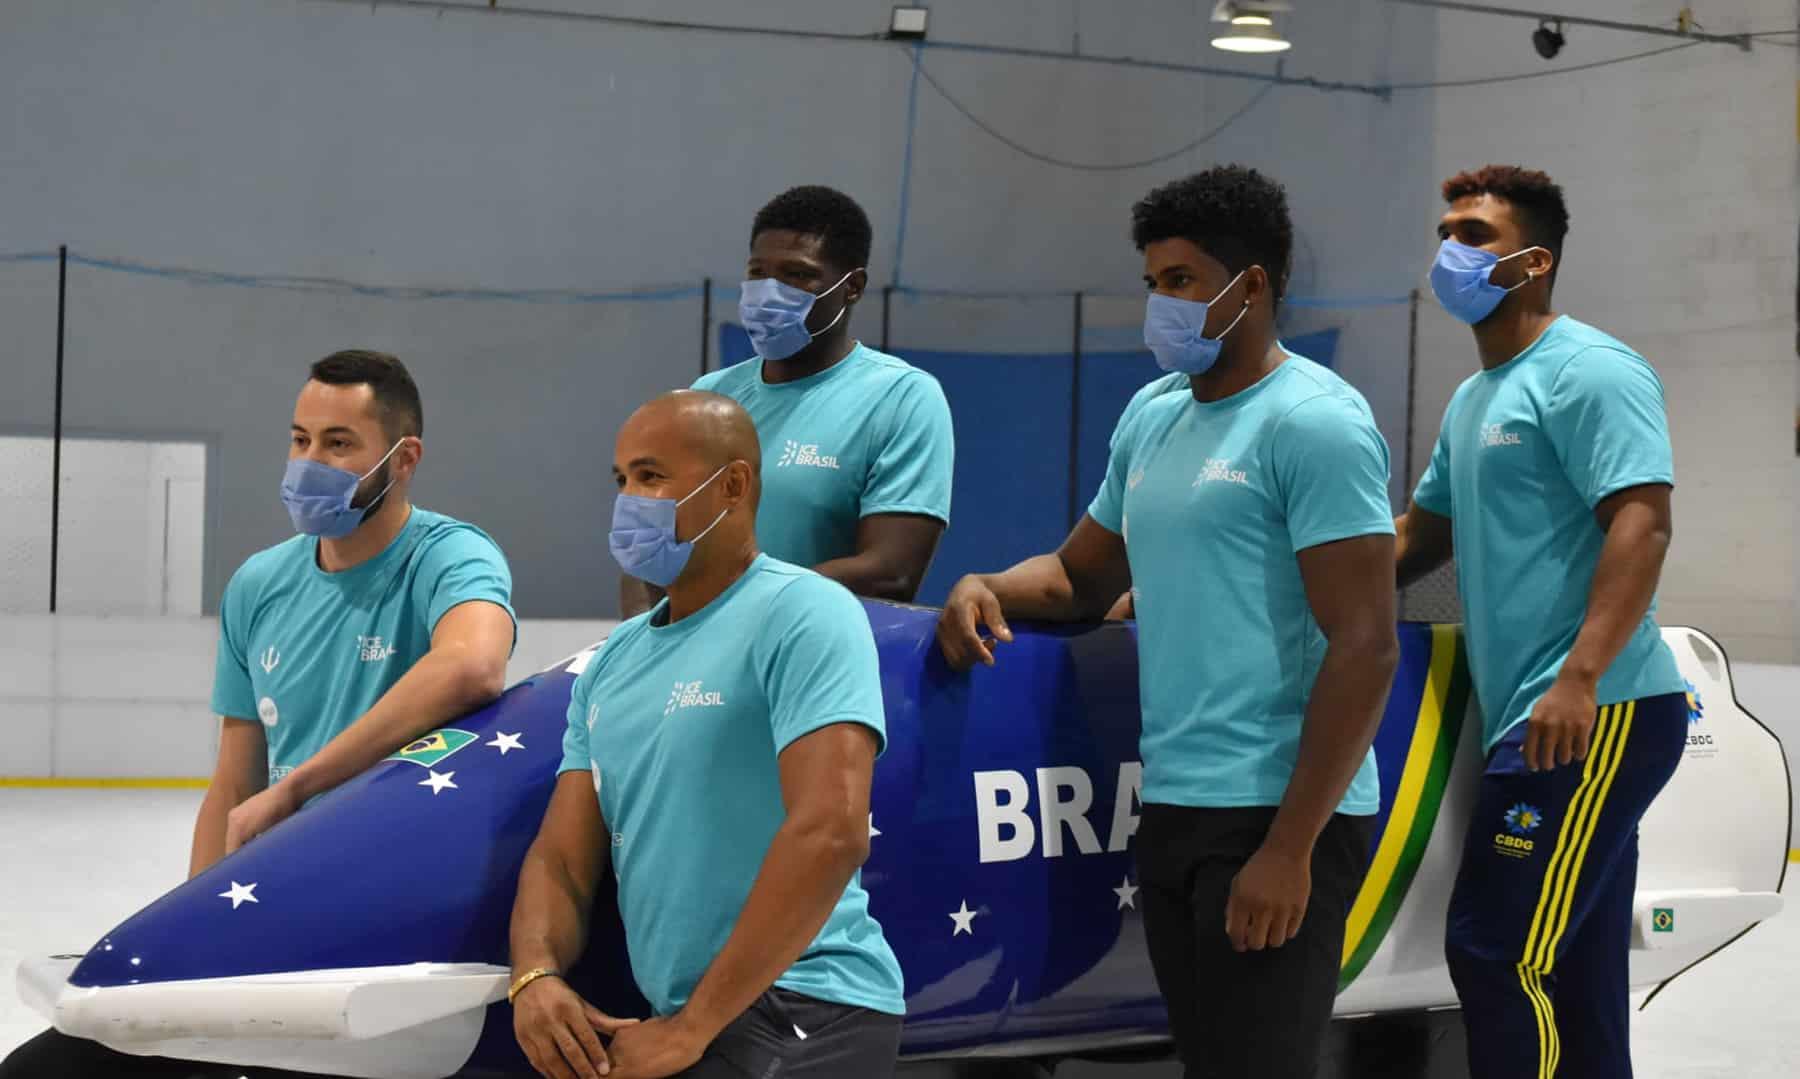 Bobsled brasileiro quer conquistar um bom resultado em Pequim-2022 para comprovar evolução